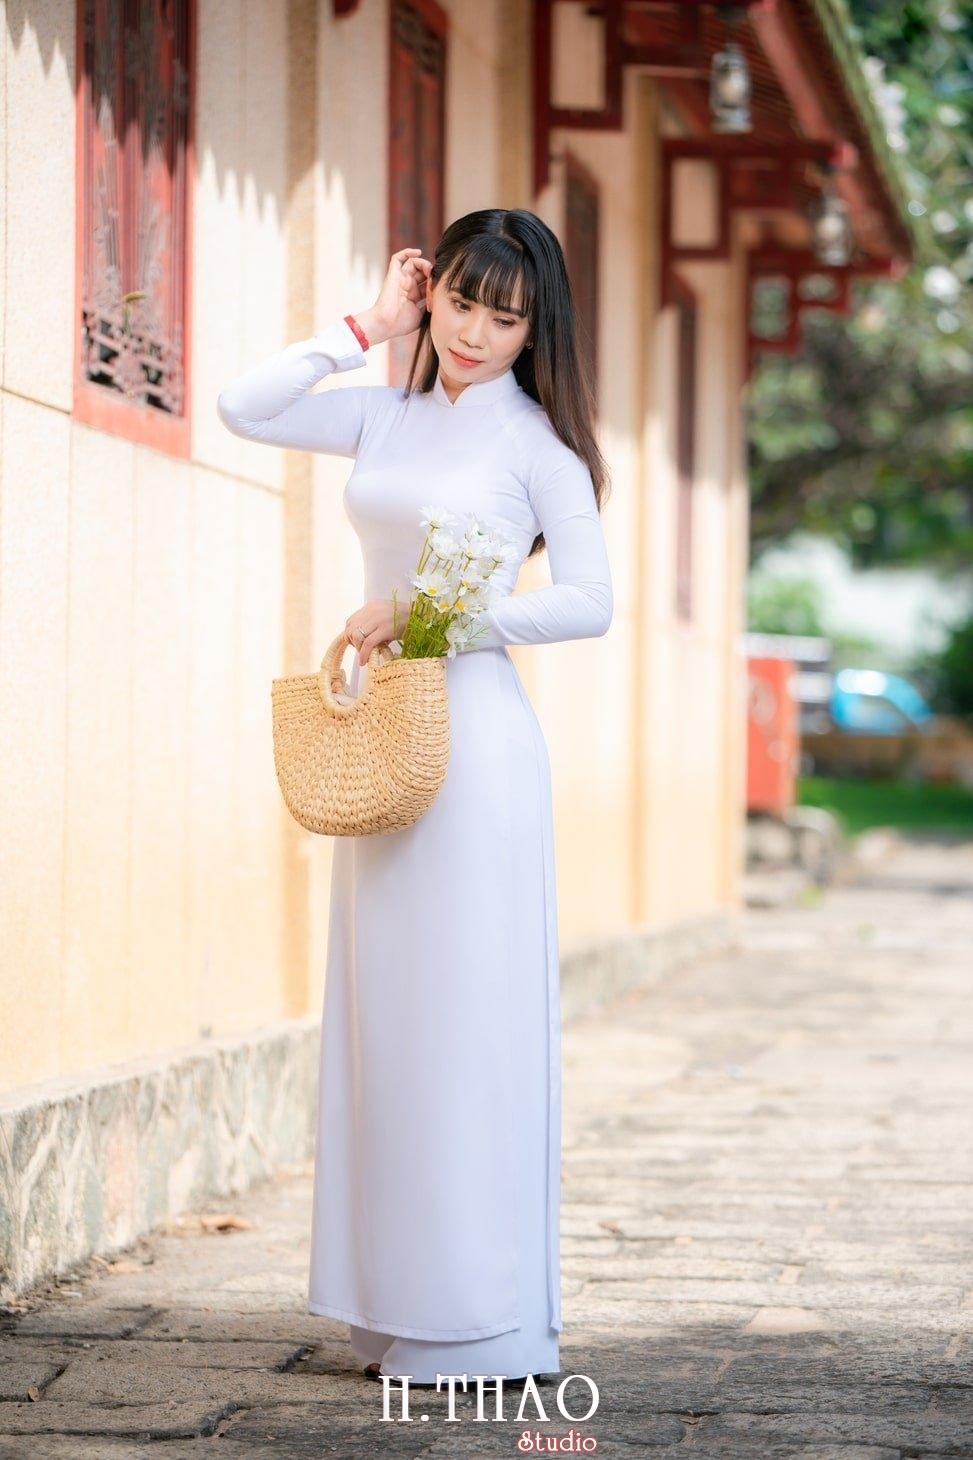 Ao dai viet nam 3 - Album áo dài tím, áo dài trắng thướt tha trong gió - HThao Studio